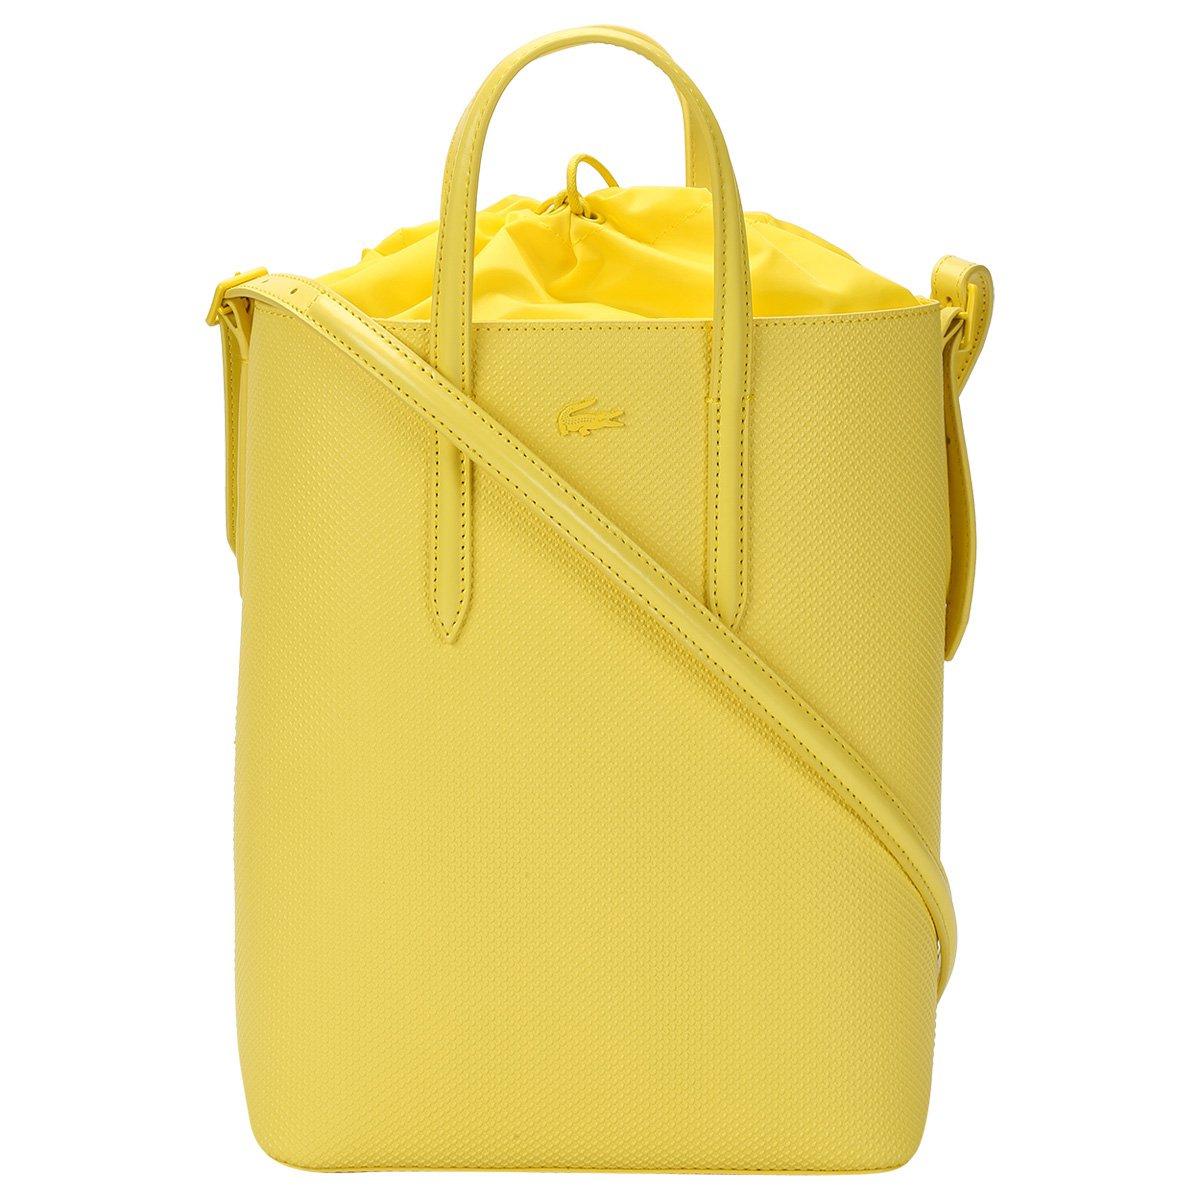 Bolsa Couro Lacoste Tote Bag Vertical Feminina - Compre Agora   Zattini bf0cb9db3b